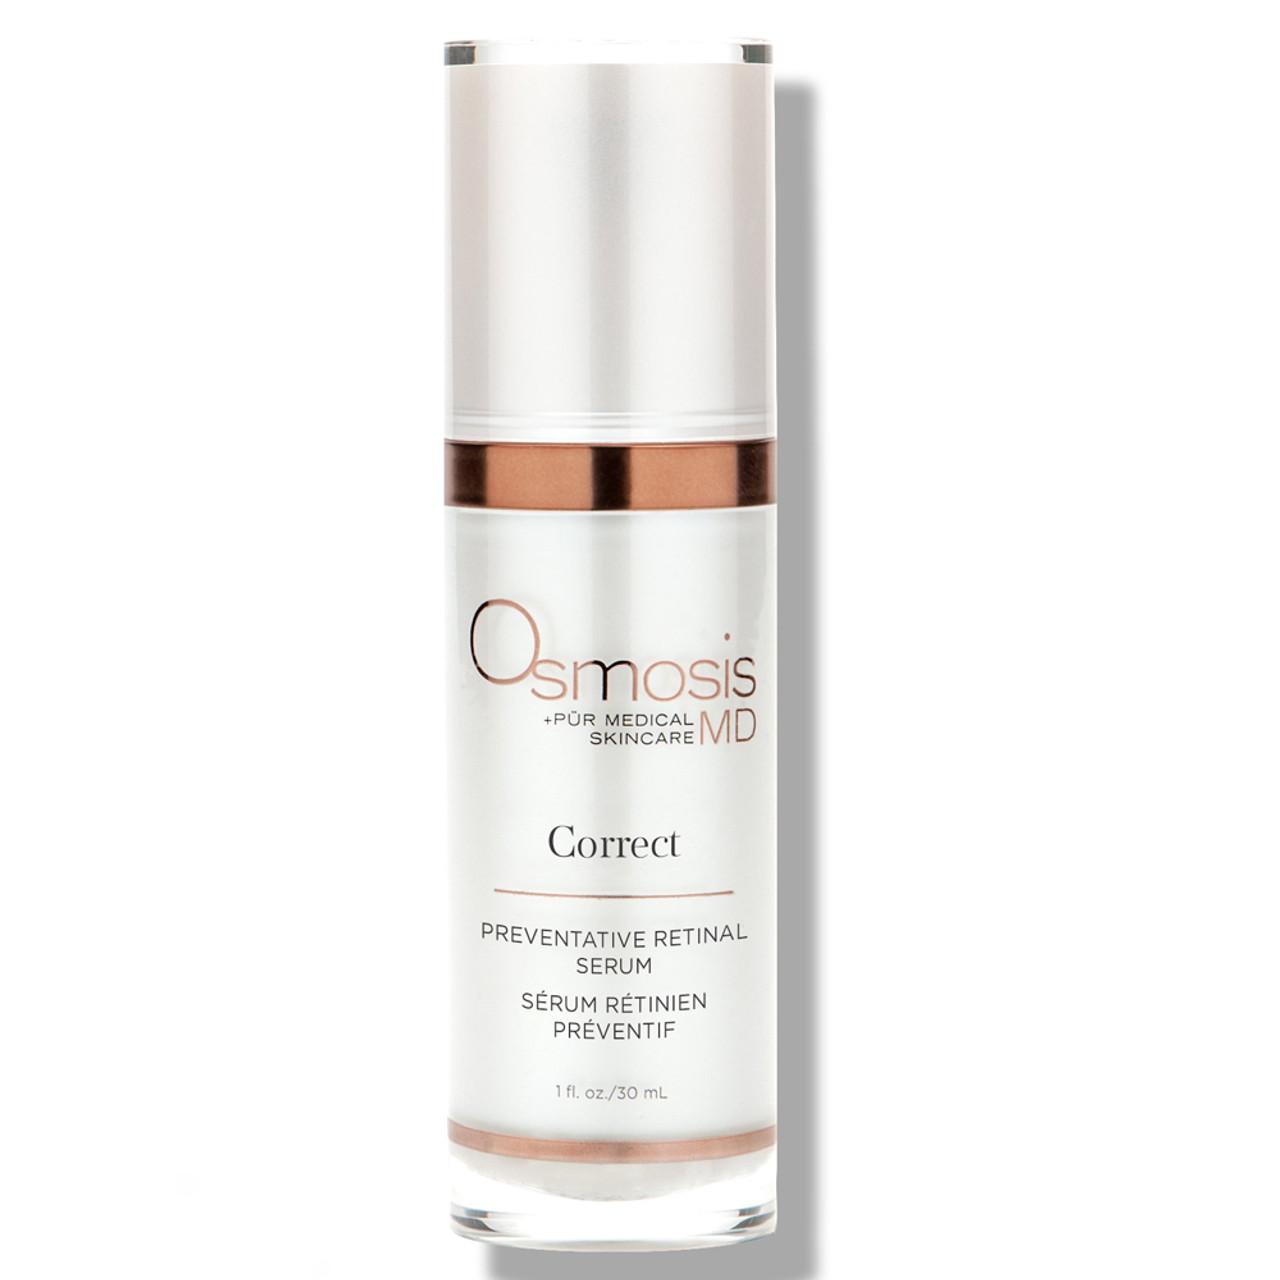 Osmosis +Skincare MD Correct - Preventative Retinal Serum BeautifiedYou.com